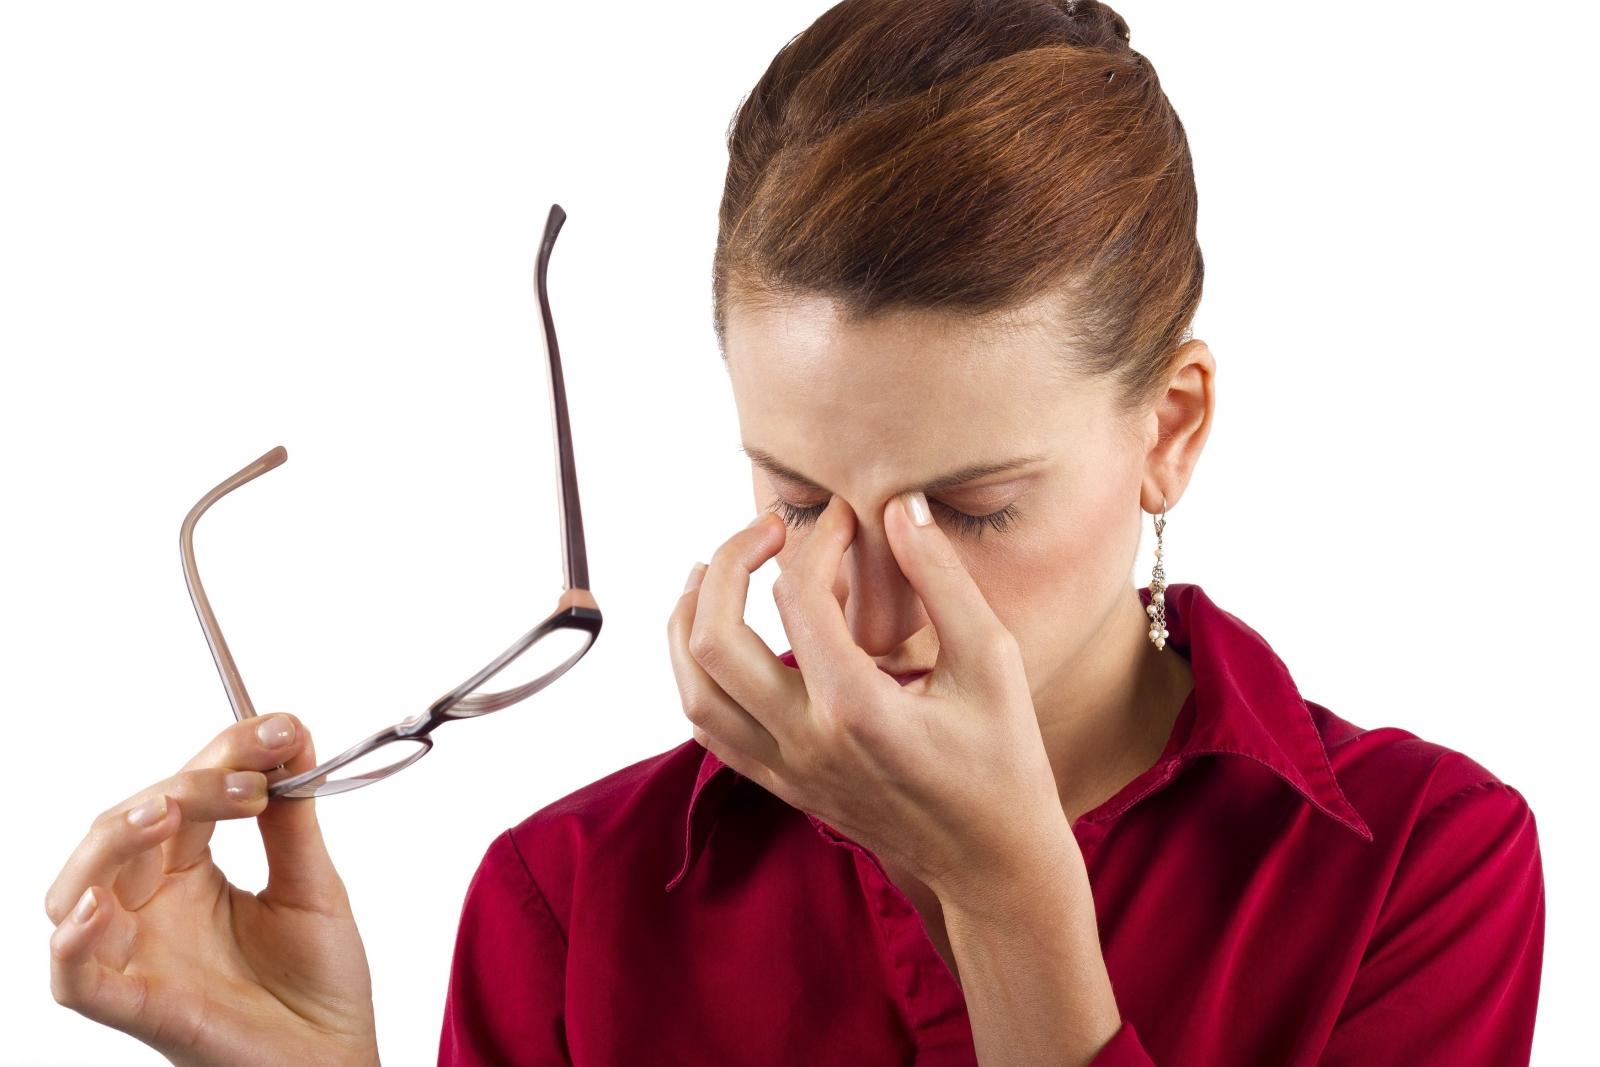 علت پرش یا تیک چشم چیست؟